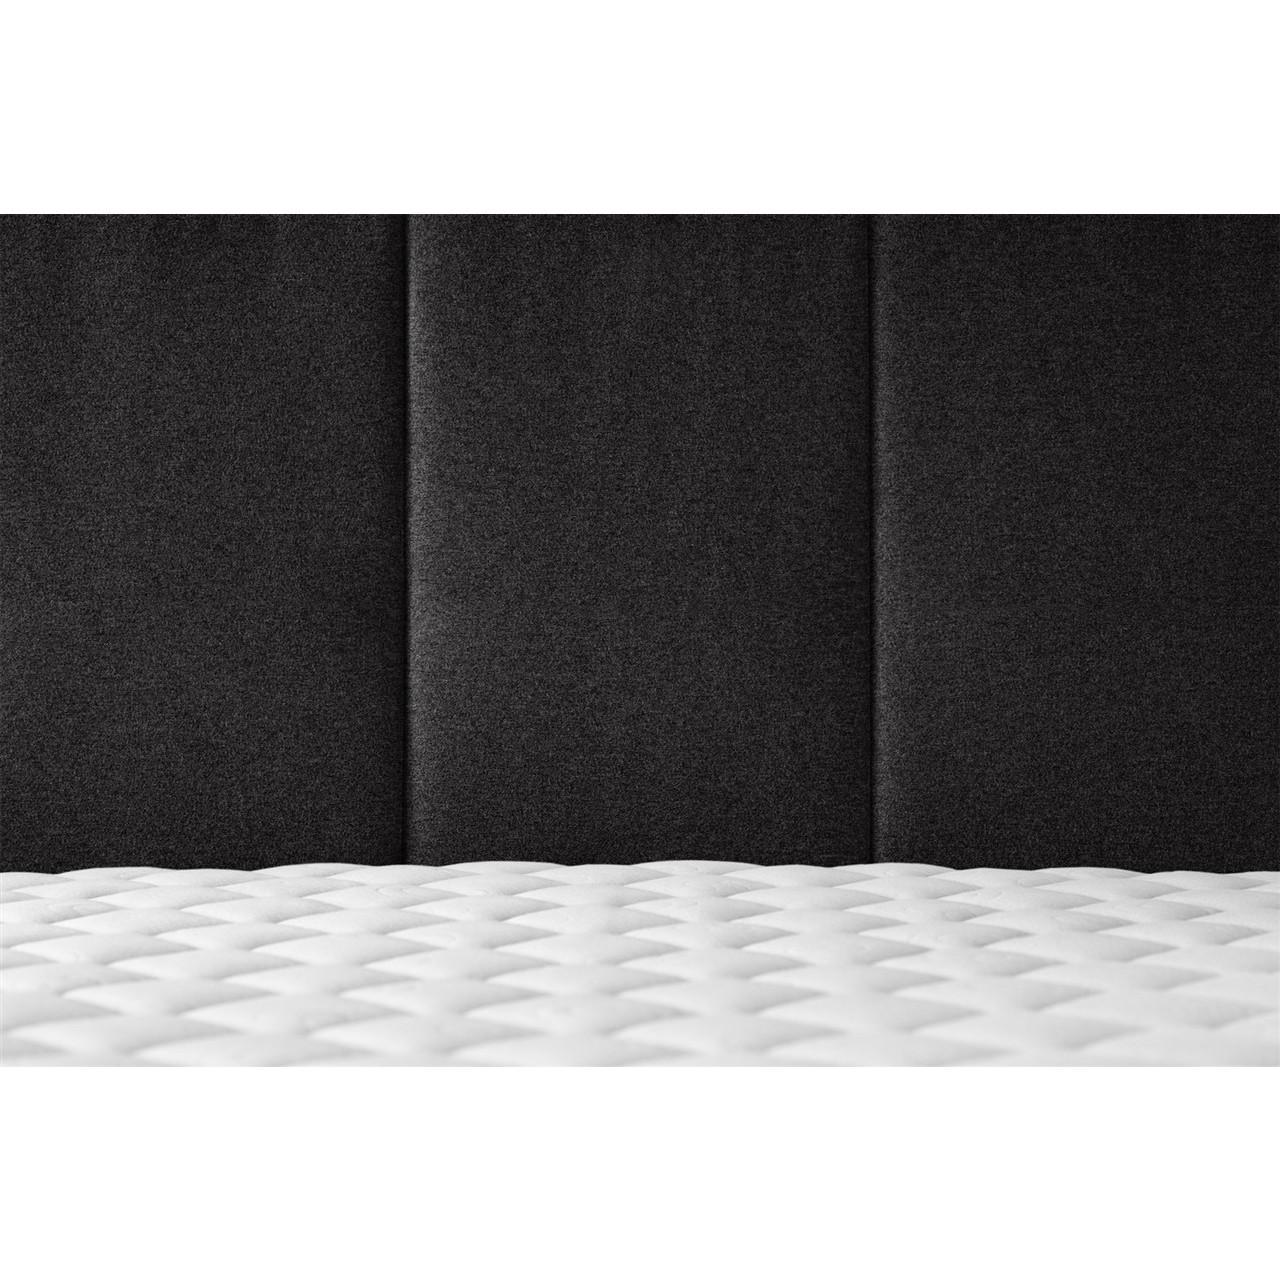 Bett Allure | Schwarz-140 x 200 cm